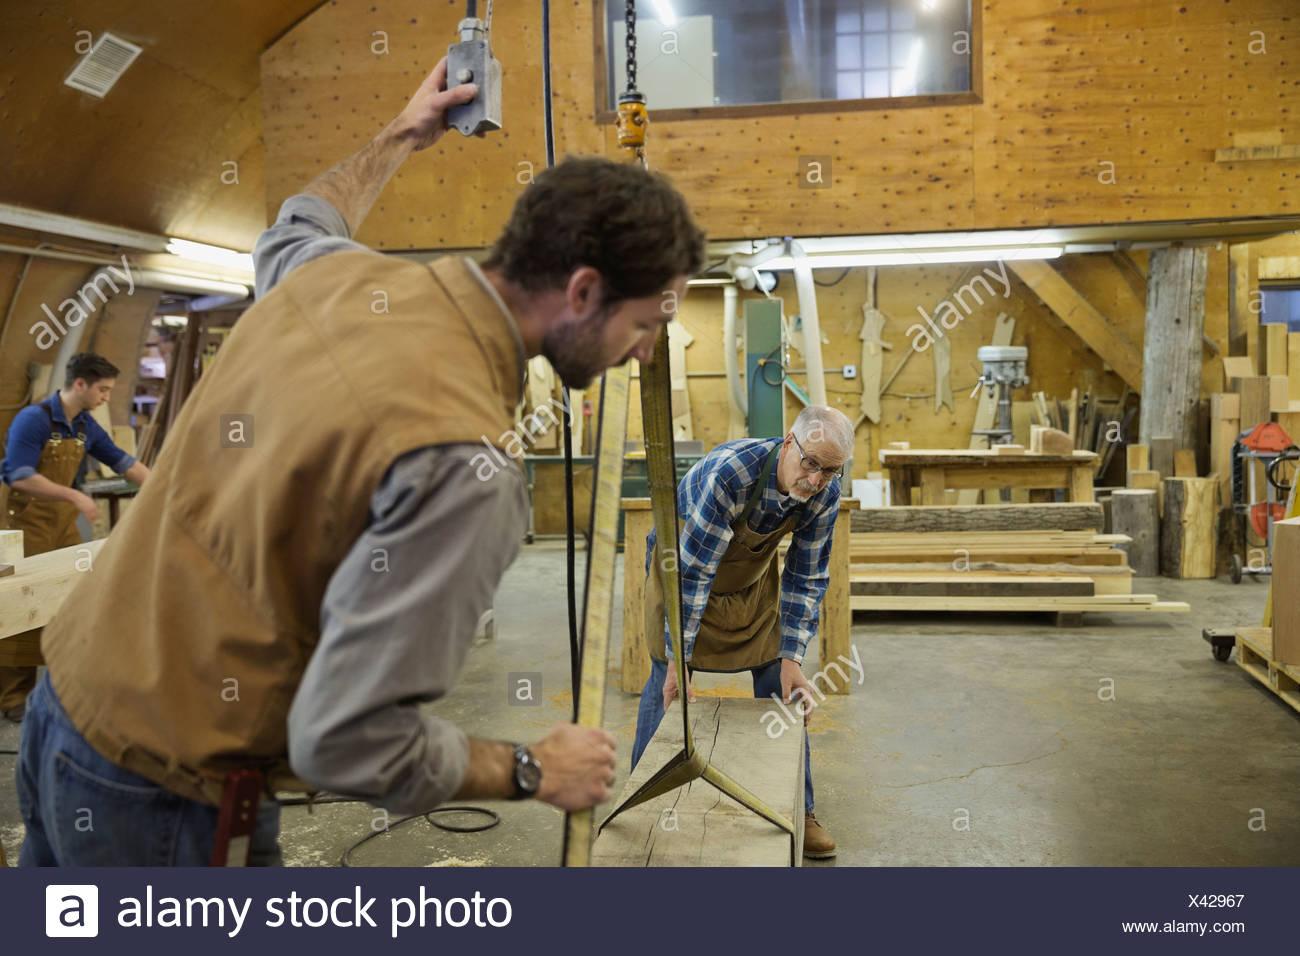 Falegnami utilizzando un dispositivo di sollevamento per spostare legname in officina Immagini Stock